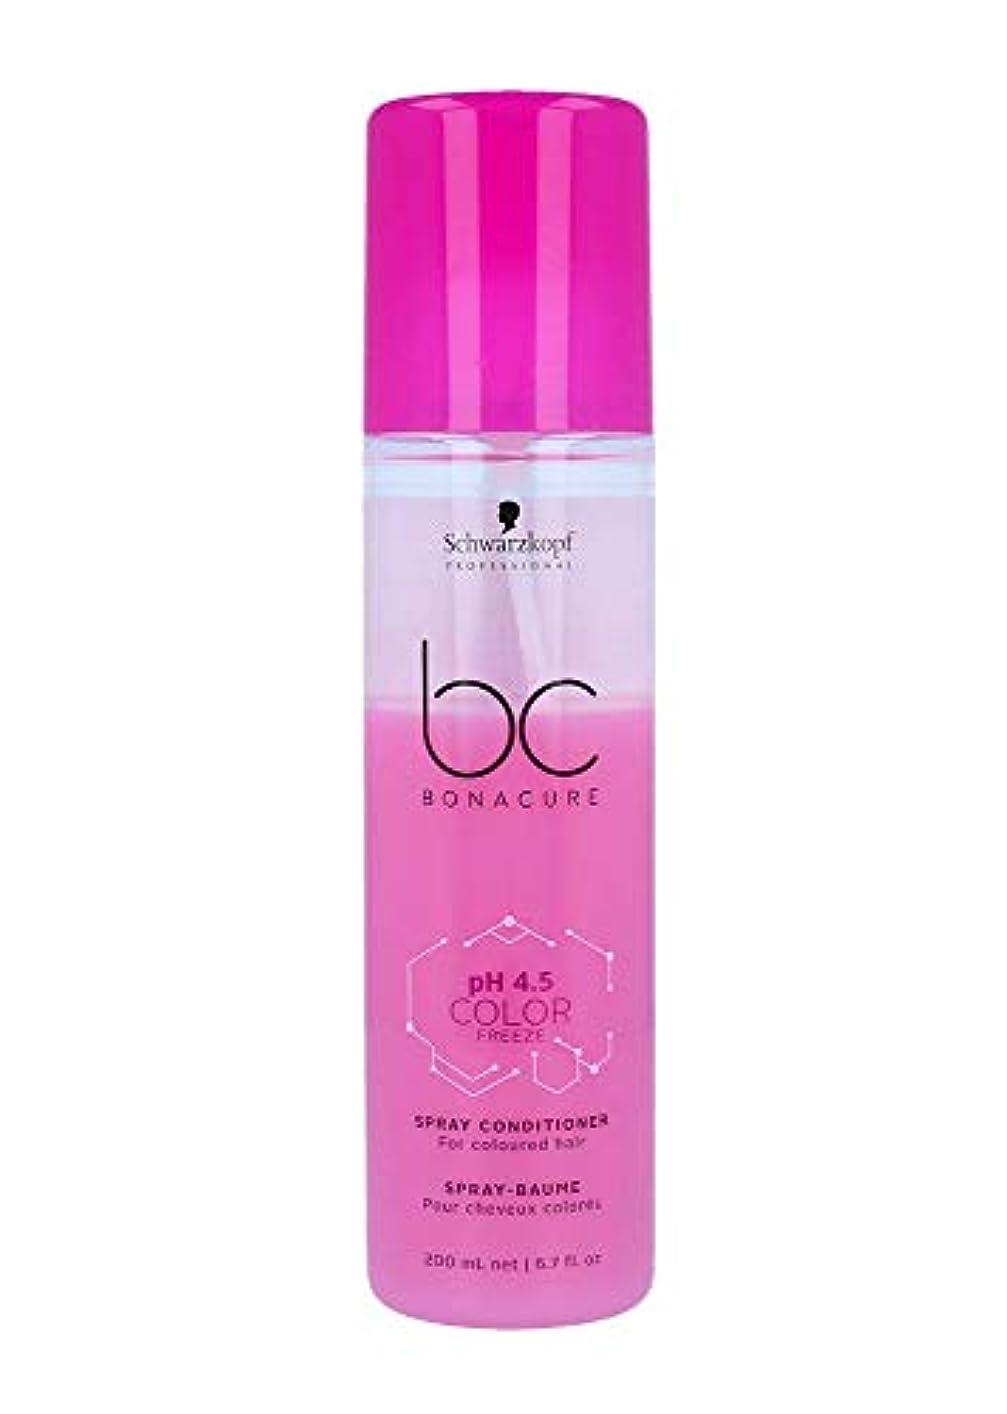 列車有益な十分ですシュワルツコフ BC pH 4.5 カラー フリーズ スプレー コンディショナー Schwarzkopf BC Bonacure pH 4.5 Color Freeze Spray Conditioner For Coloured...